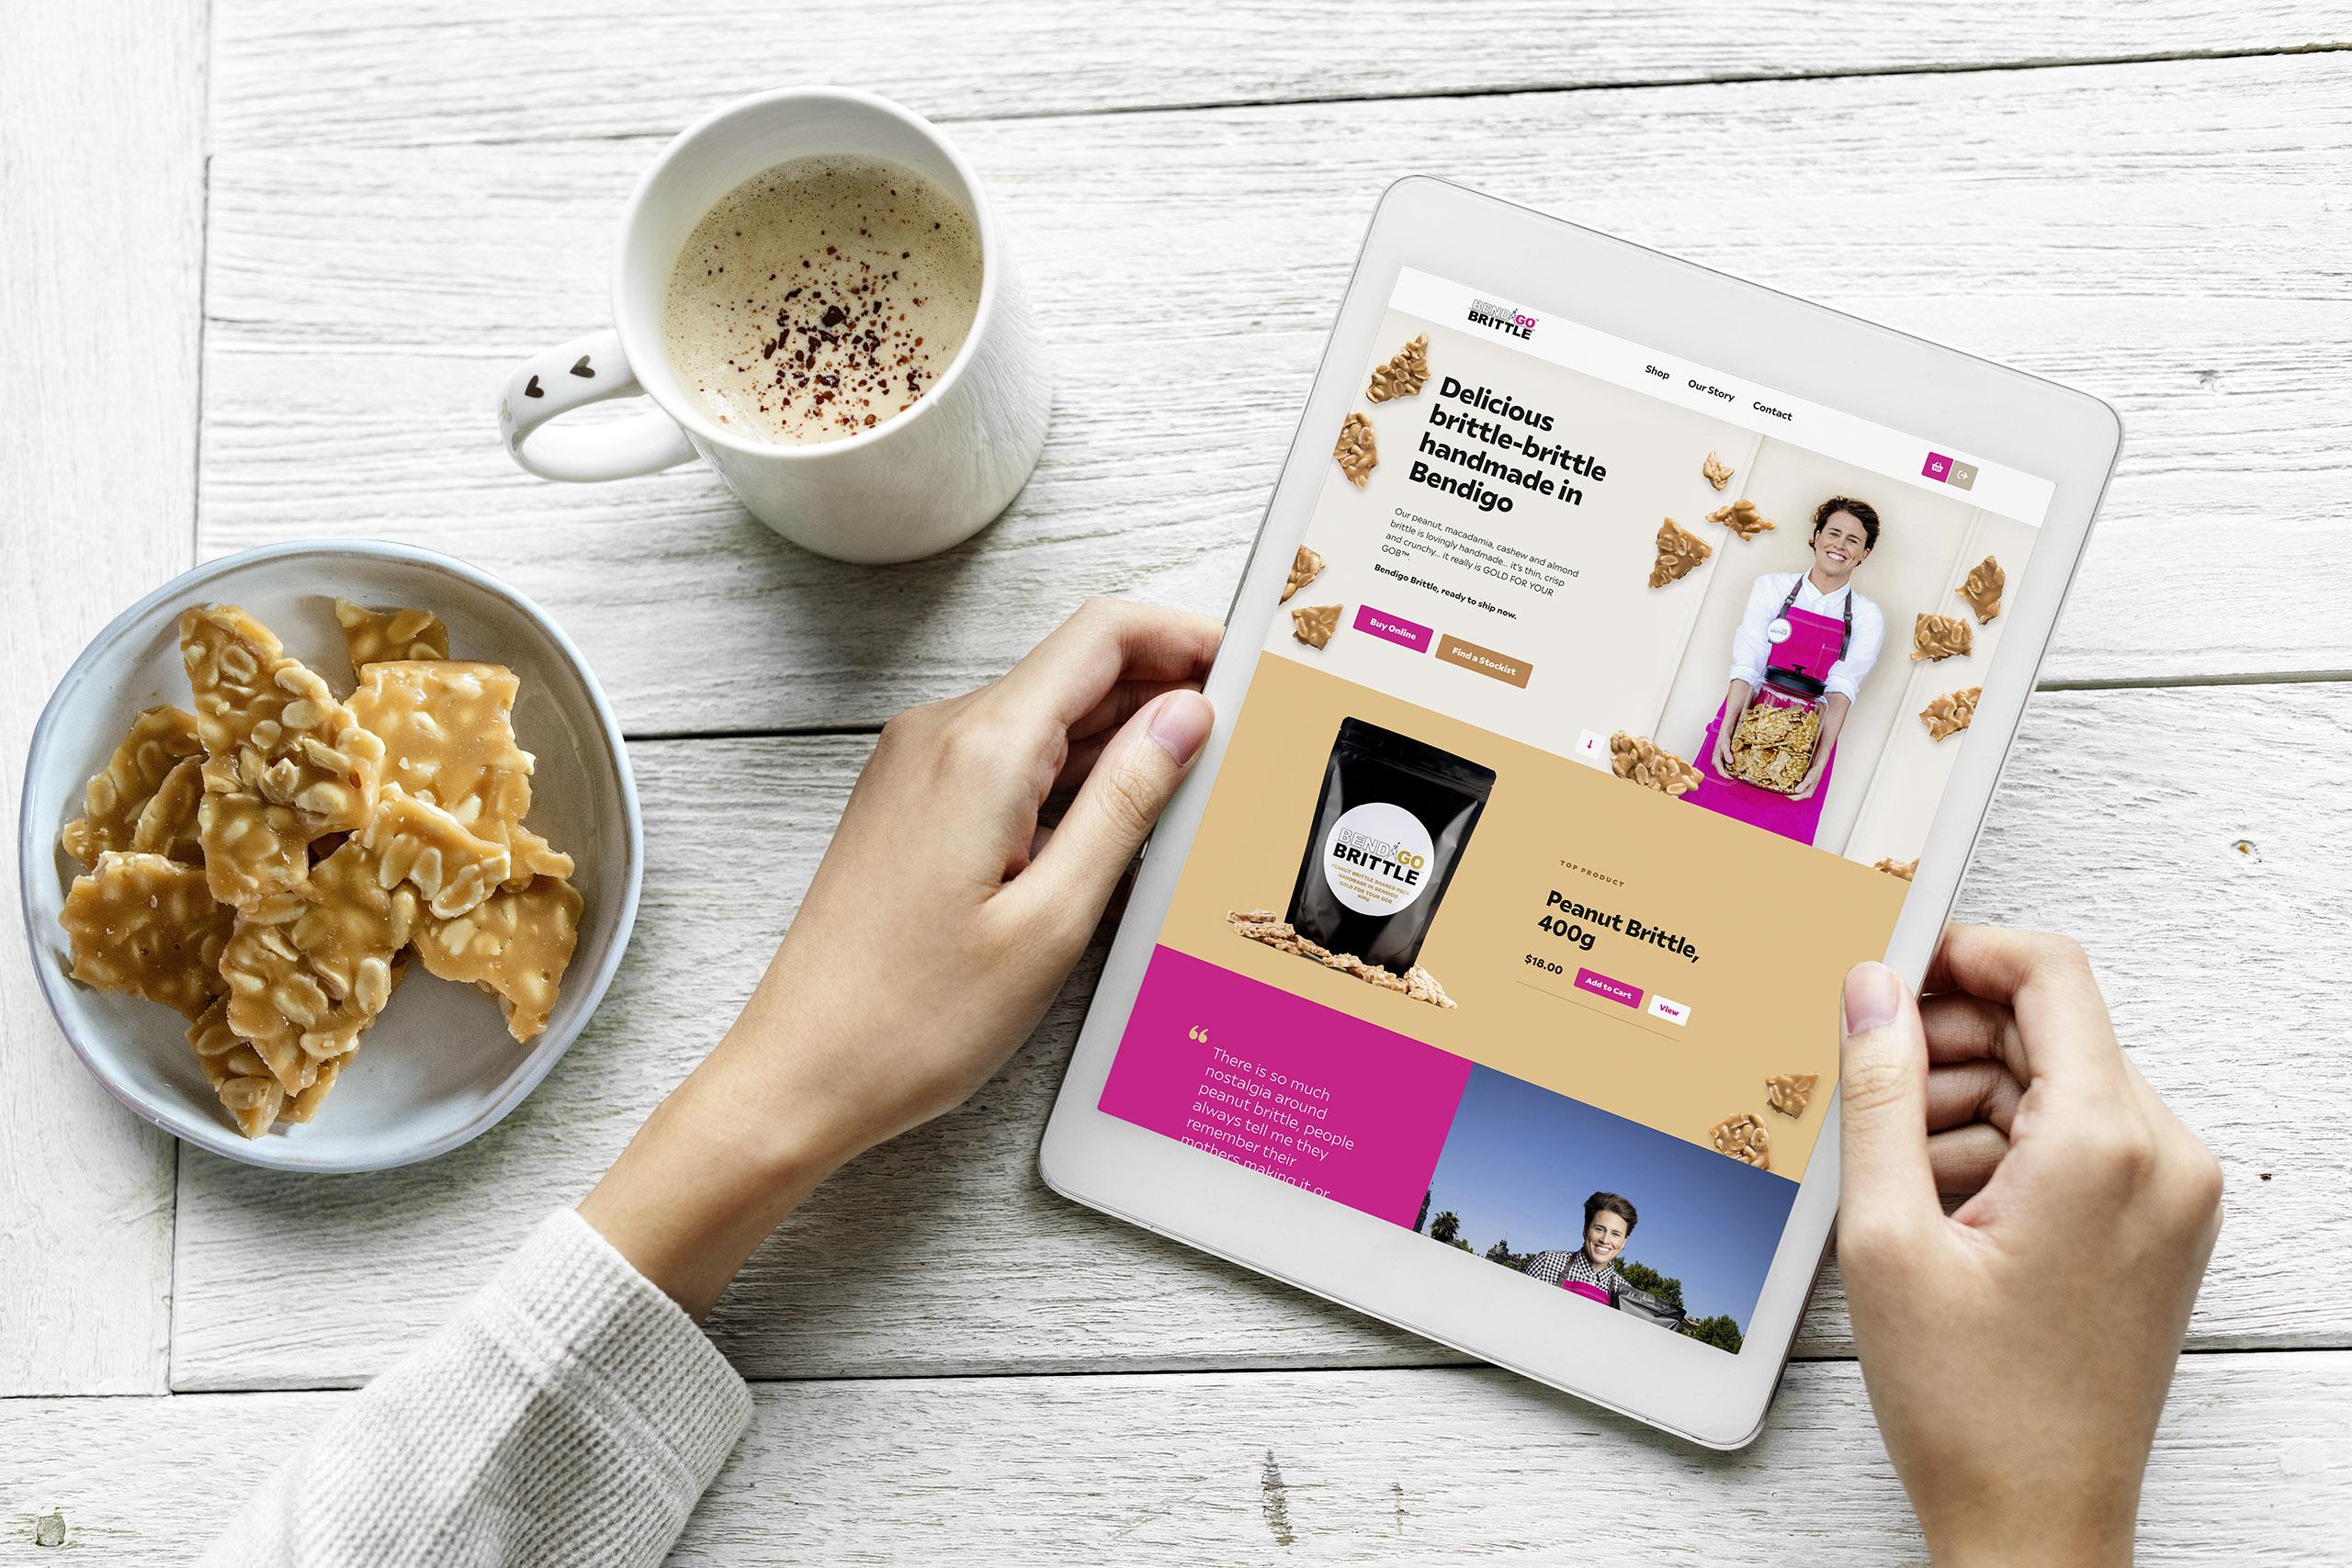 Bendigo Brittle website design and Shopify implementation